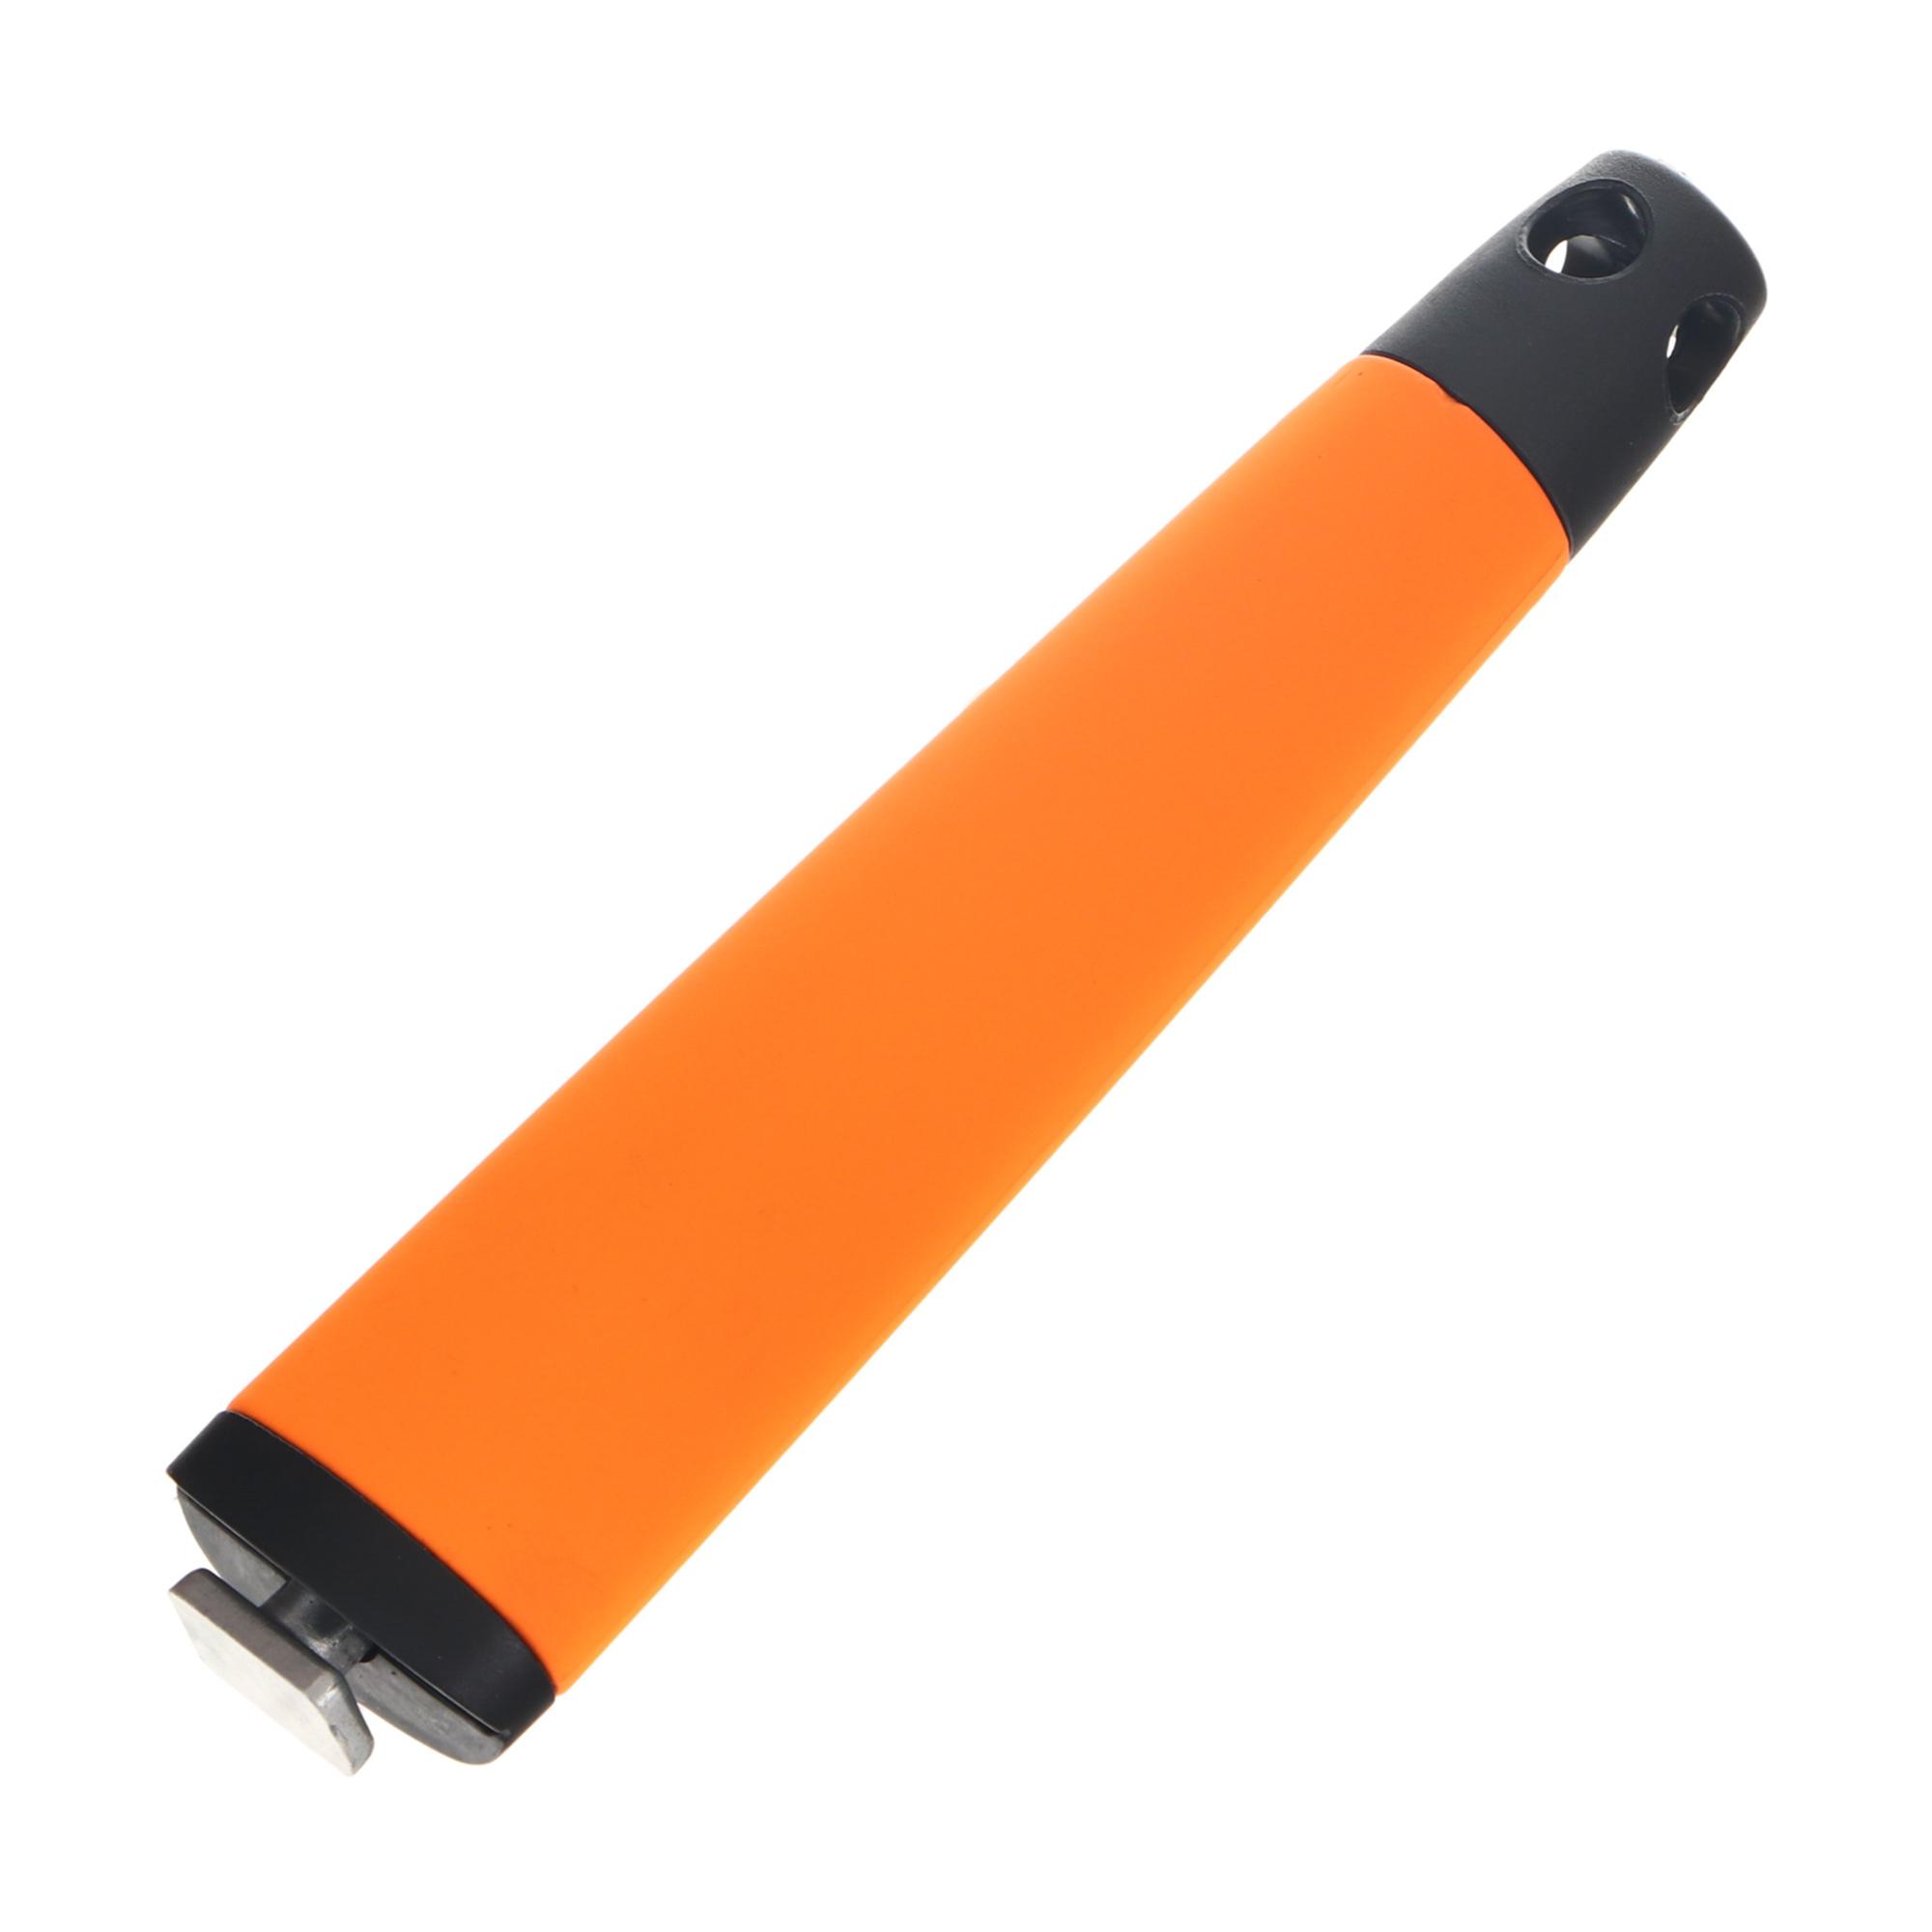 Ручка классическая Castey оранжевая фото